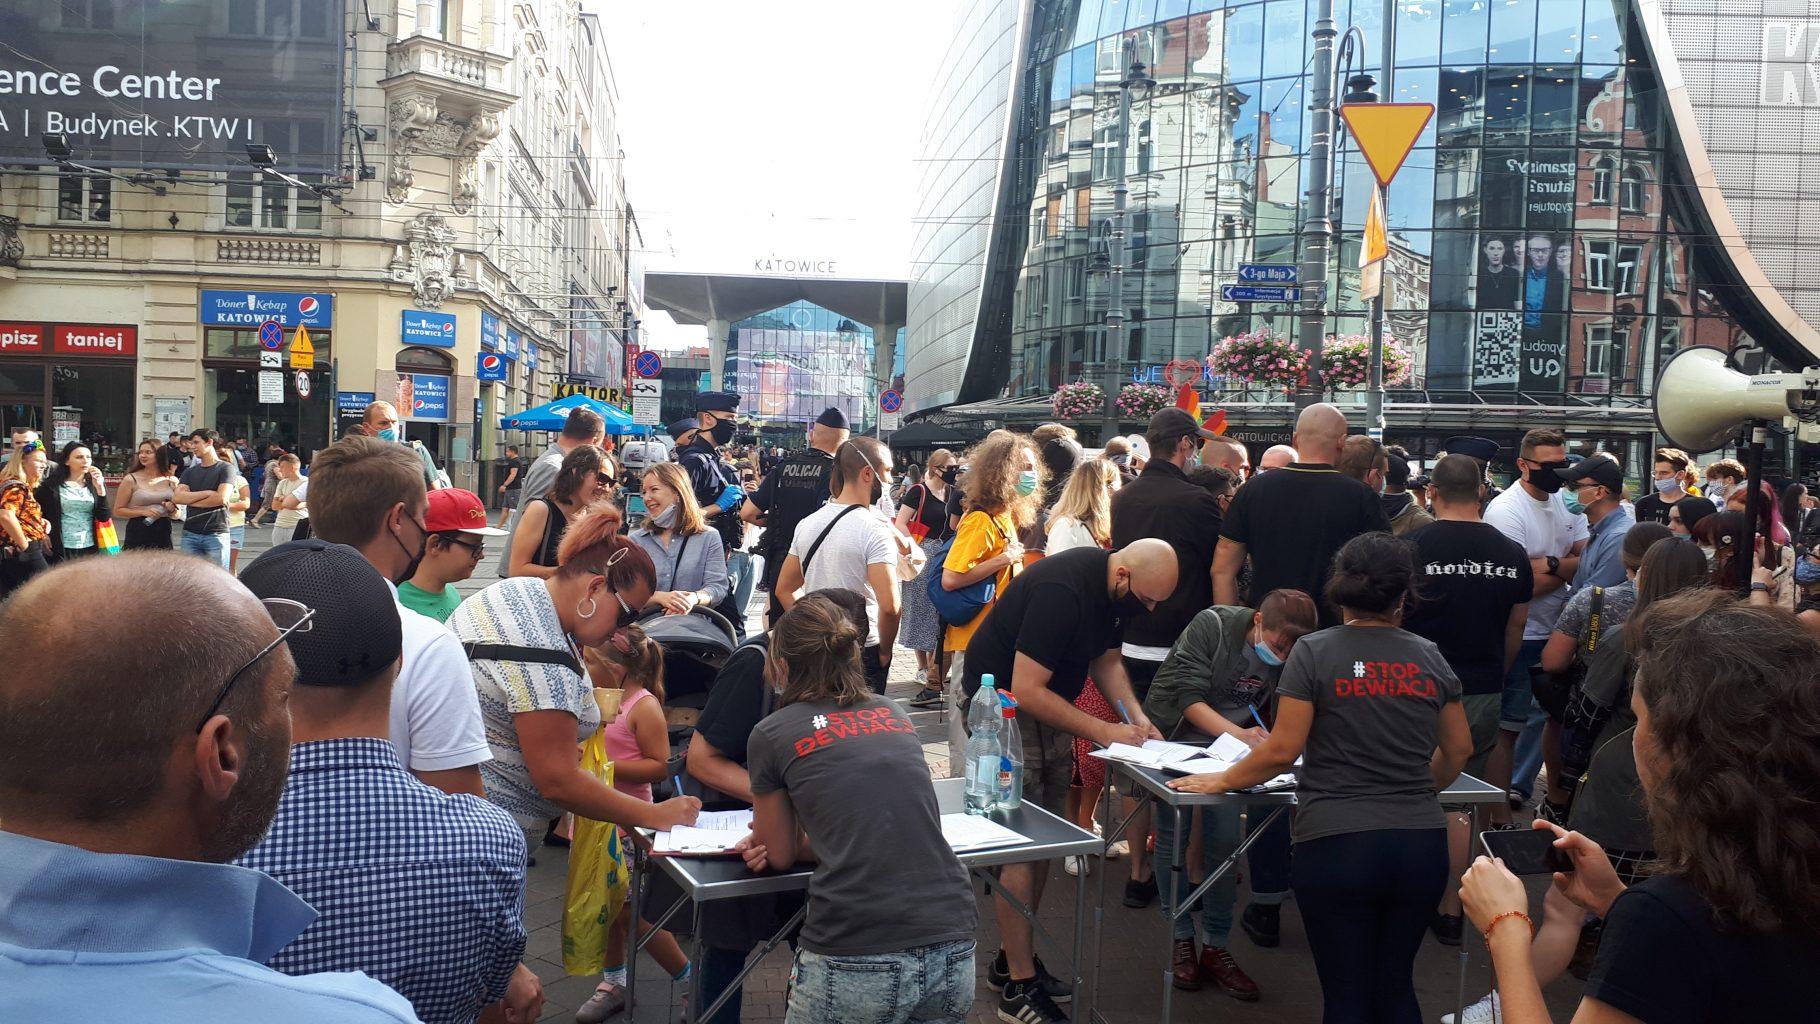 Ustawa #StopLGBT to ratunek dla Polski